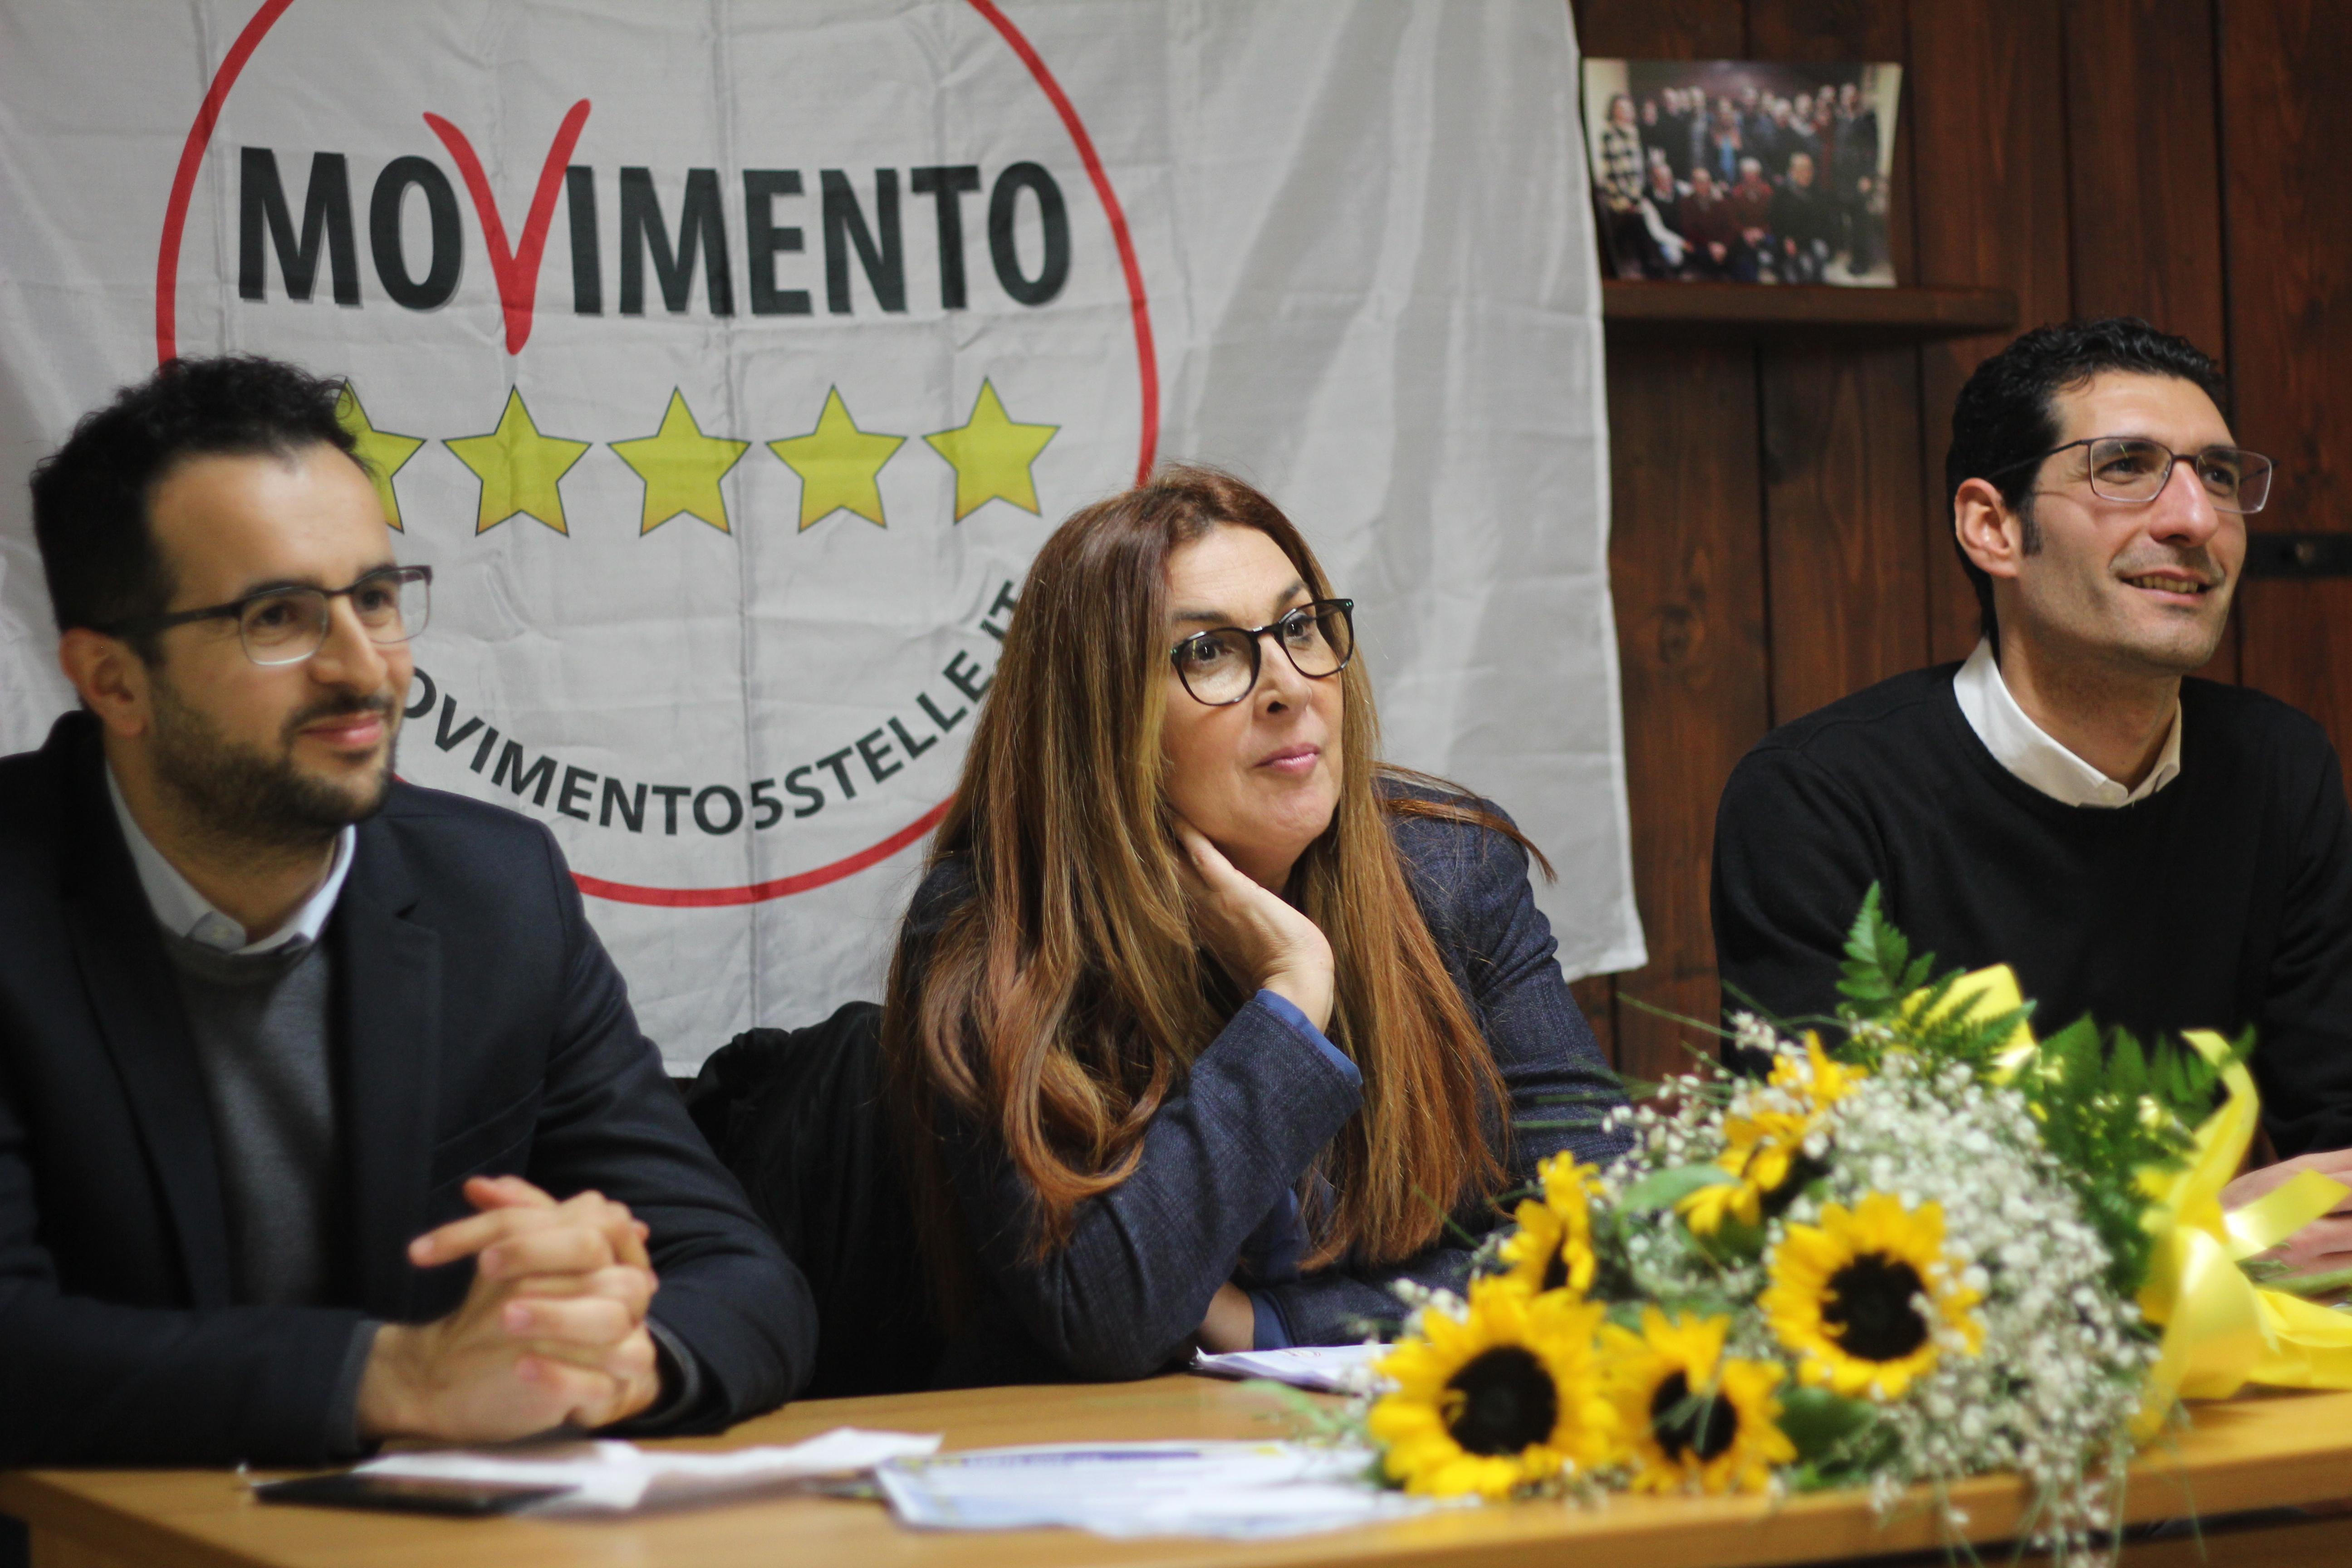 Da sinistra, Emanuele Scagliusi, Patty L'Abbate e Giuseppe L'Abbate